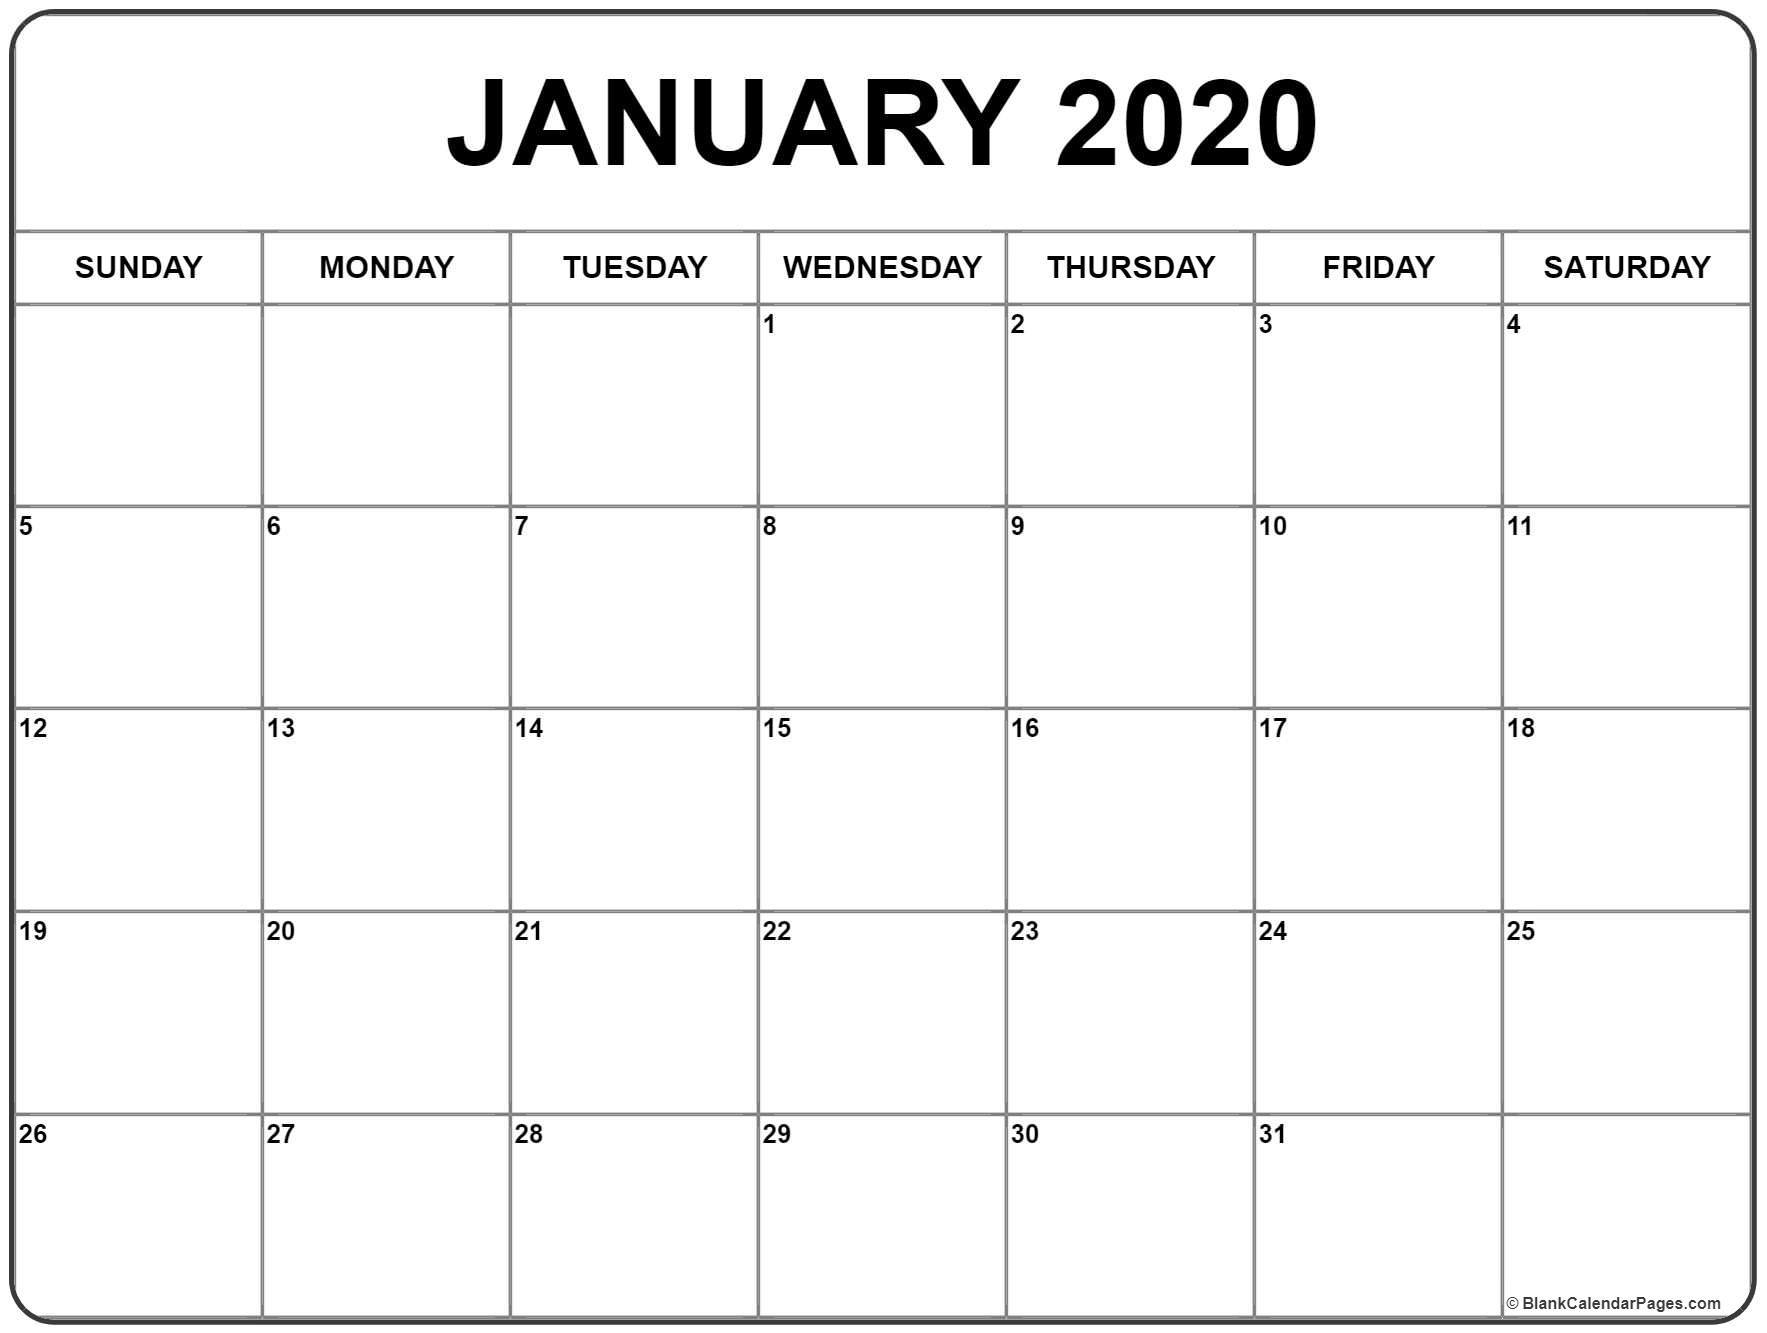 Create Your January 2020 Calendar Printable - Editable Blank-Blank Calendar 2020 To Fill In